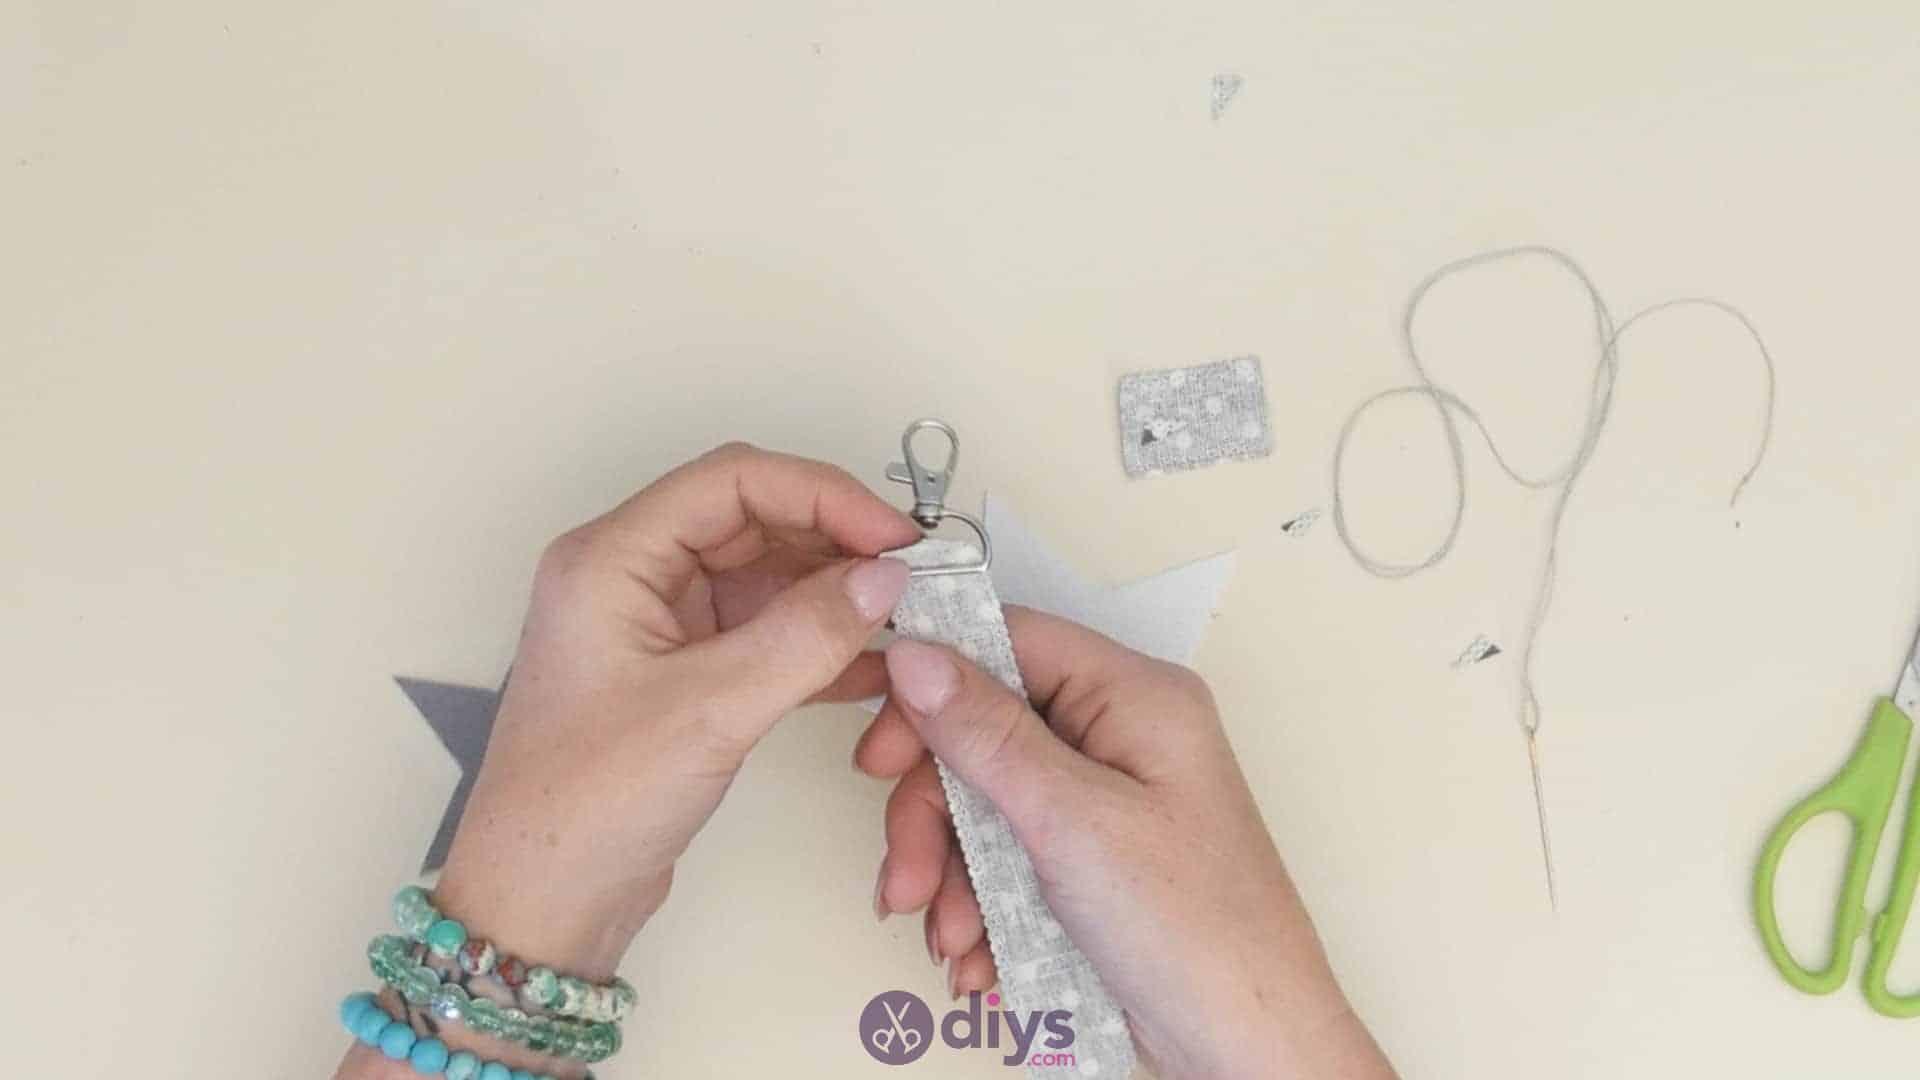 Diy felt star keyholder step 4a